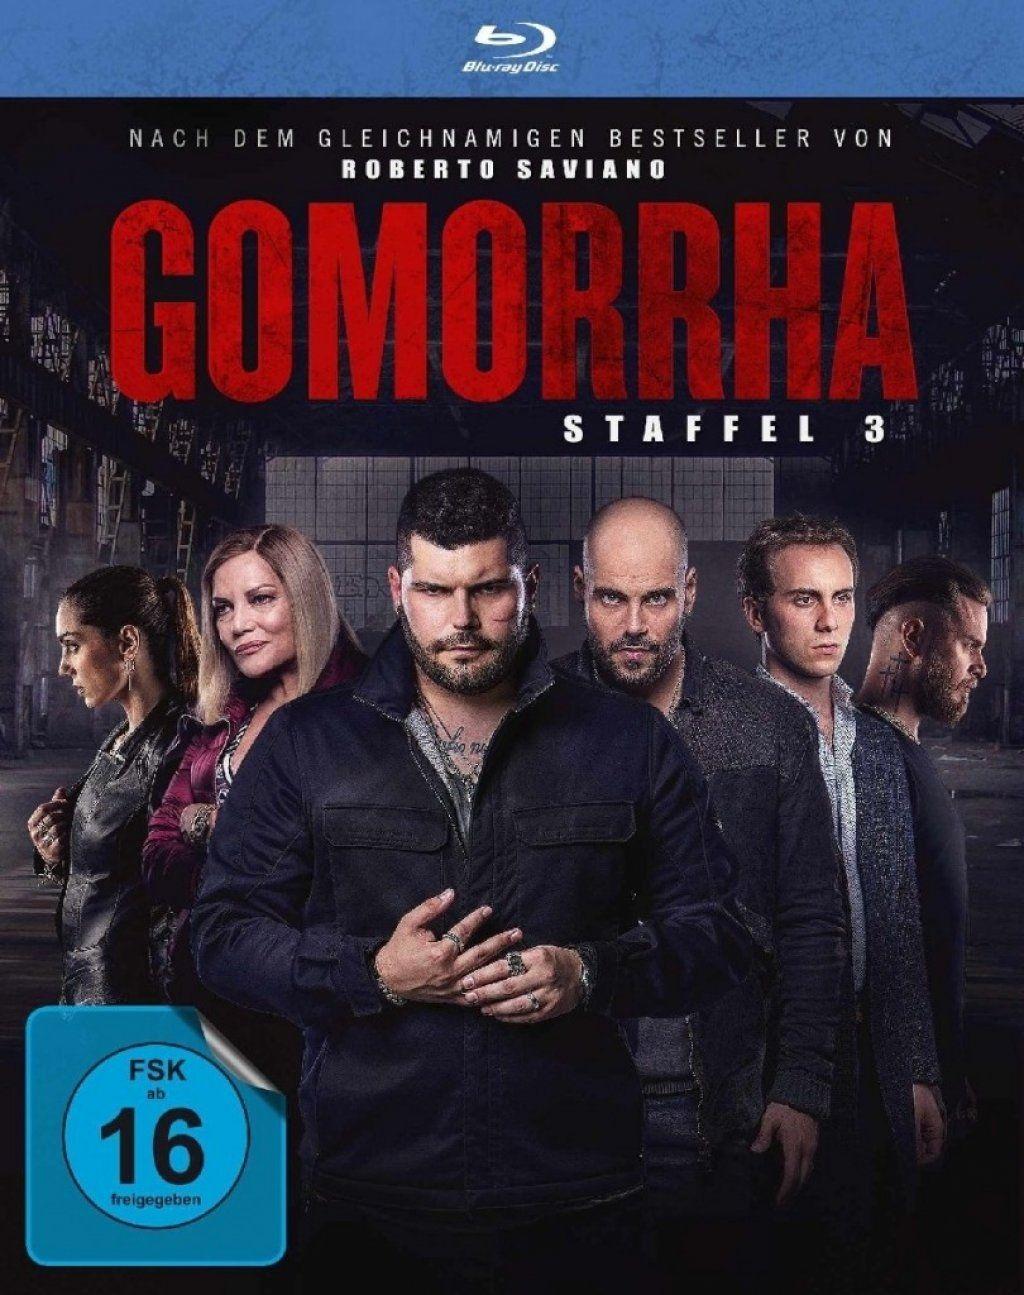 Gomorrha - Staffel 3 (3 Discs) (BLURAY)